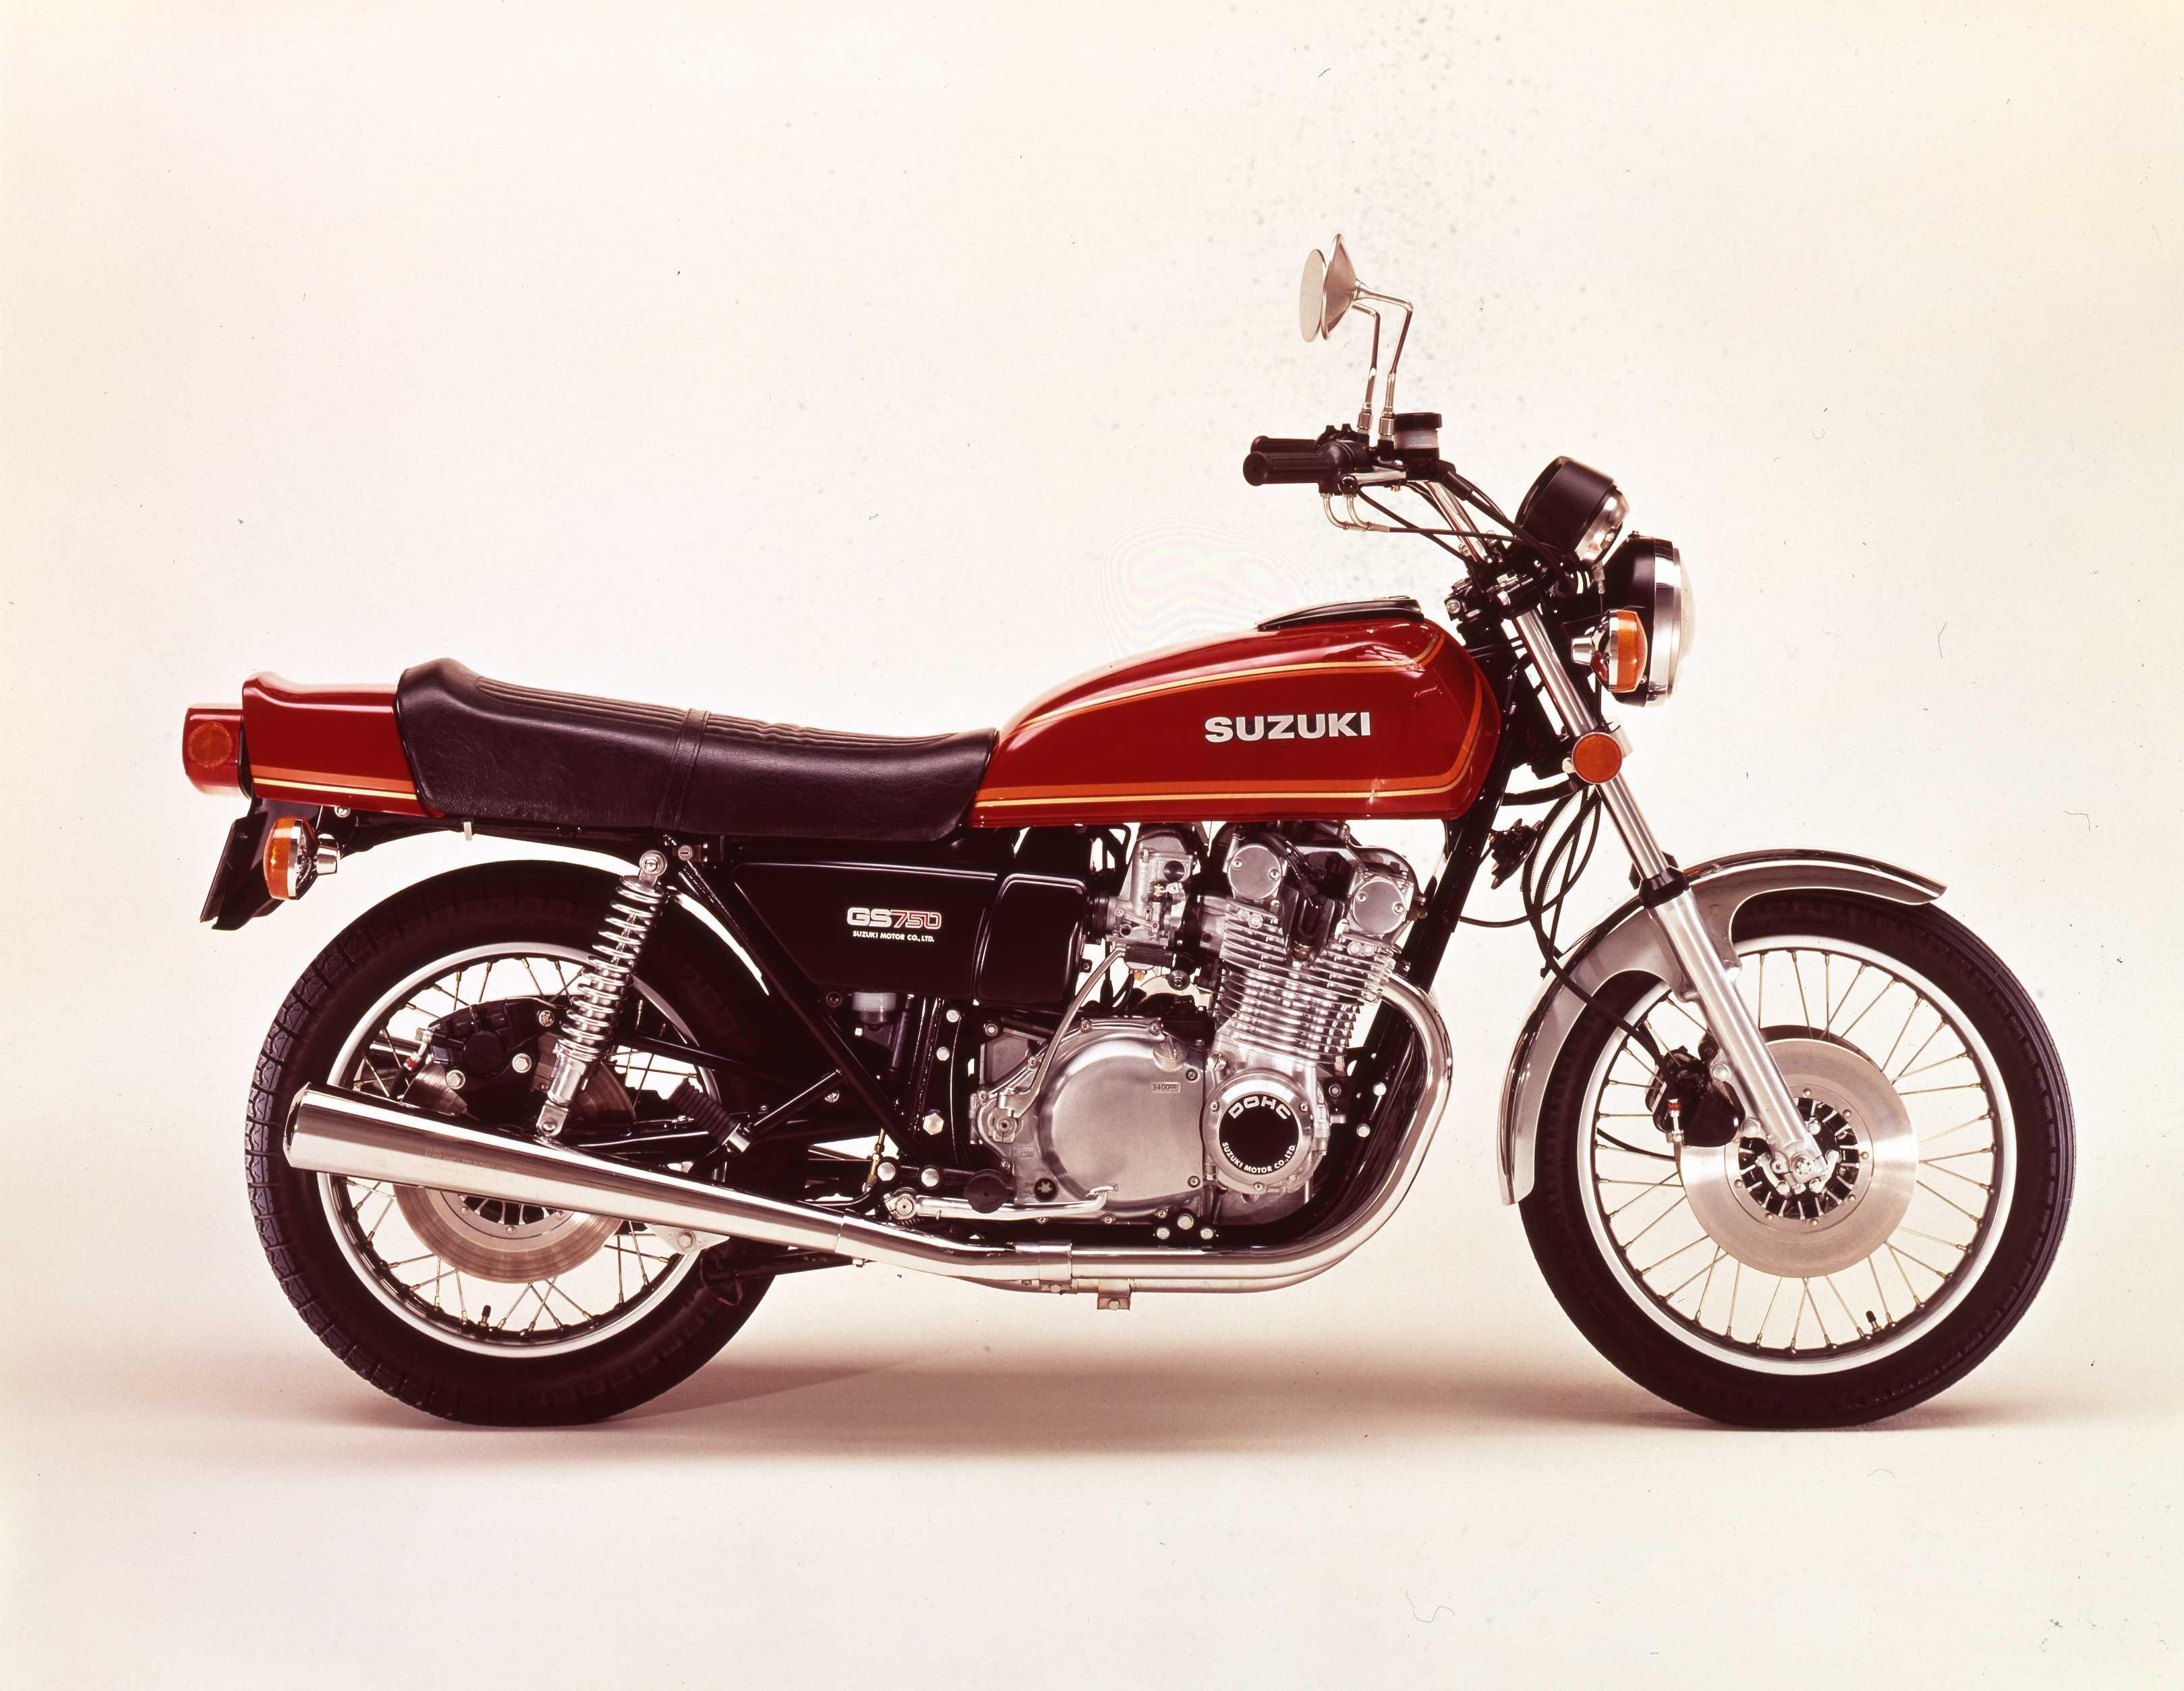 Suzuki 1976 Gs750 With Images Suzuki Motorcycle Super Bikes